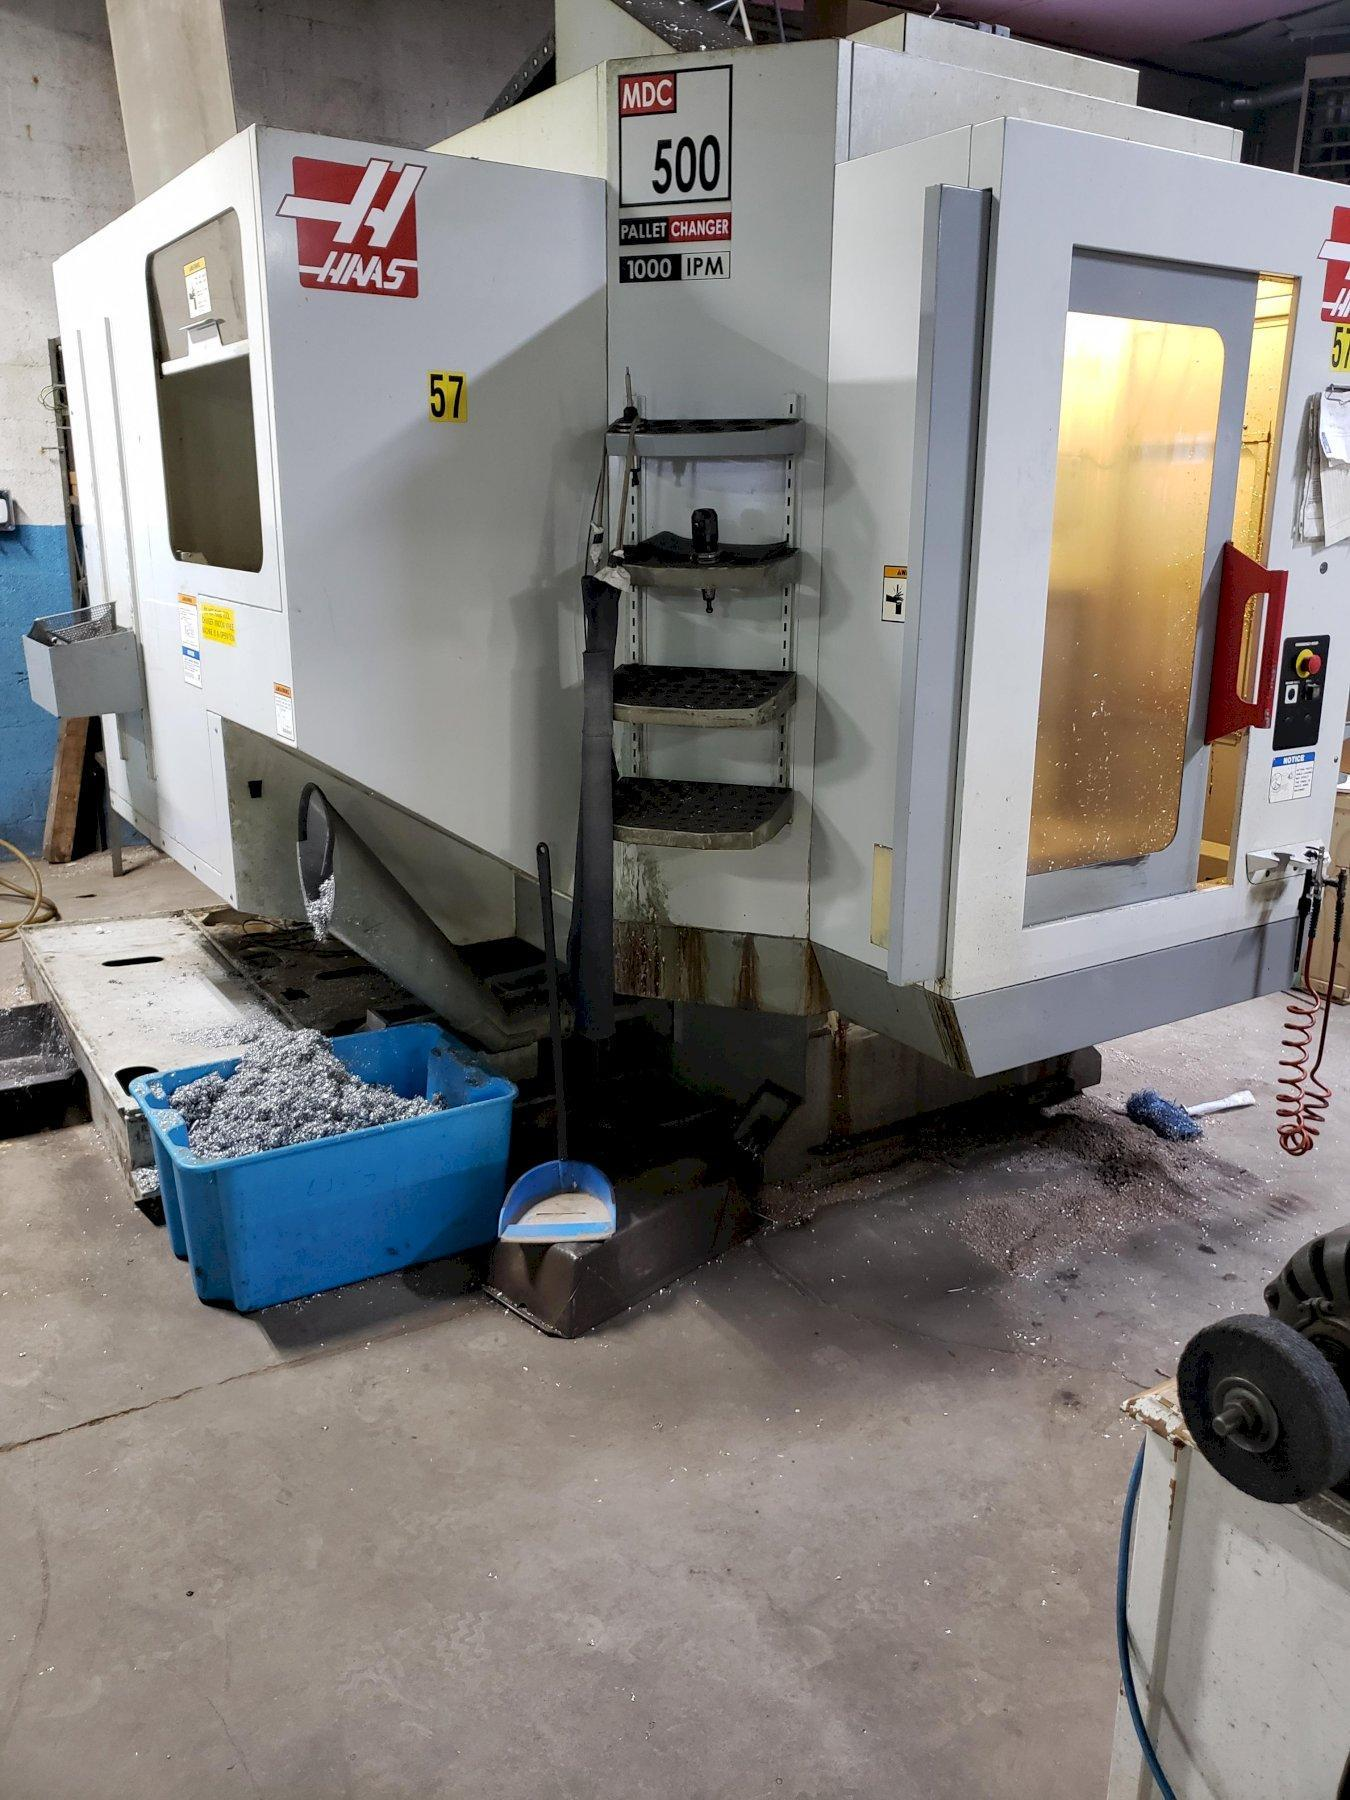 2005 HAAS MDC-500 VERTICAL MACHINING CENTER/PALLET CHANGER